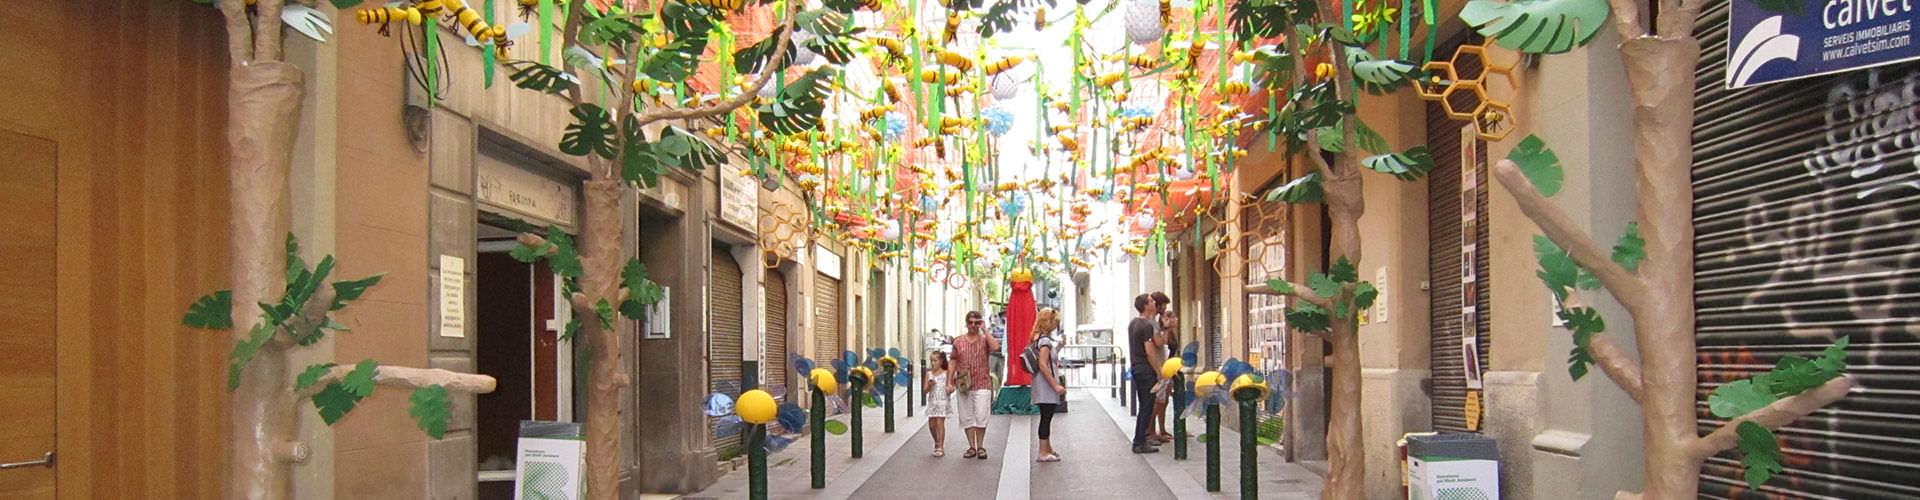 Barcelona – Hostels im Stadtteil Gràcia. Barcelona auf der Karte. Fotos und Bewertungen für jedes Hostel in Barcelona.